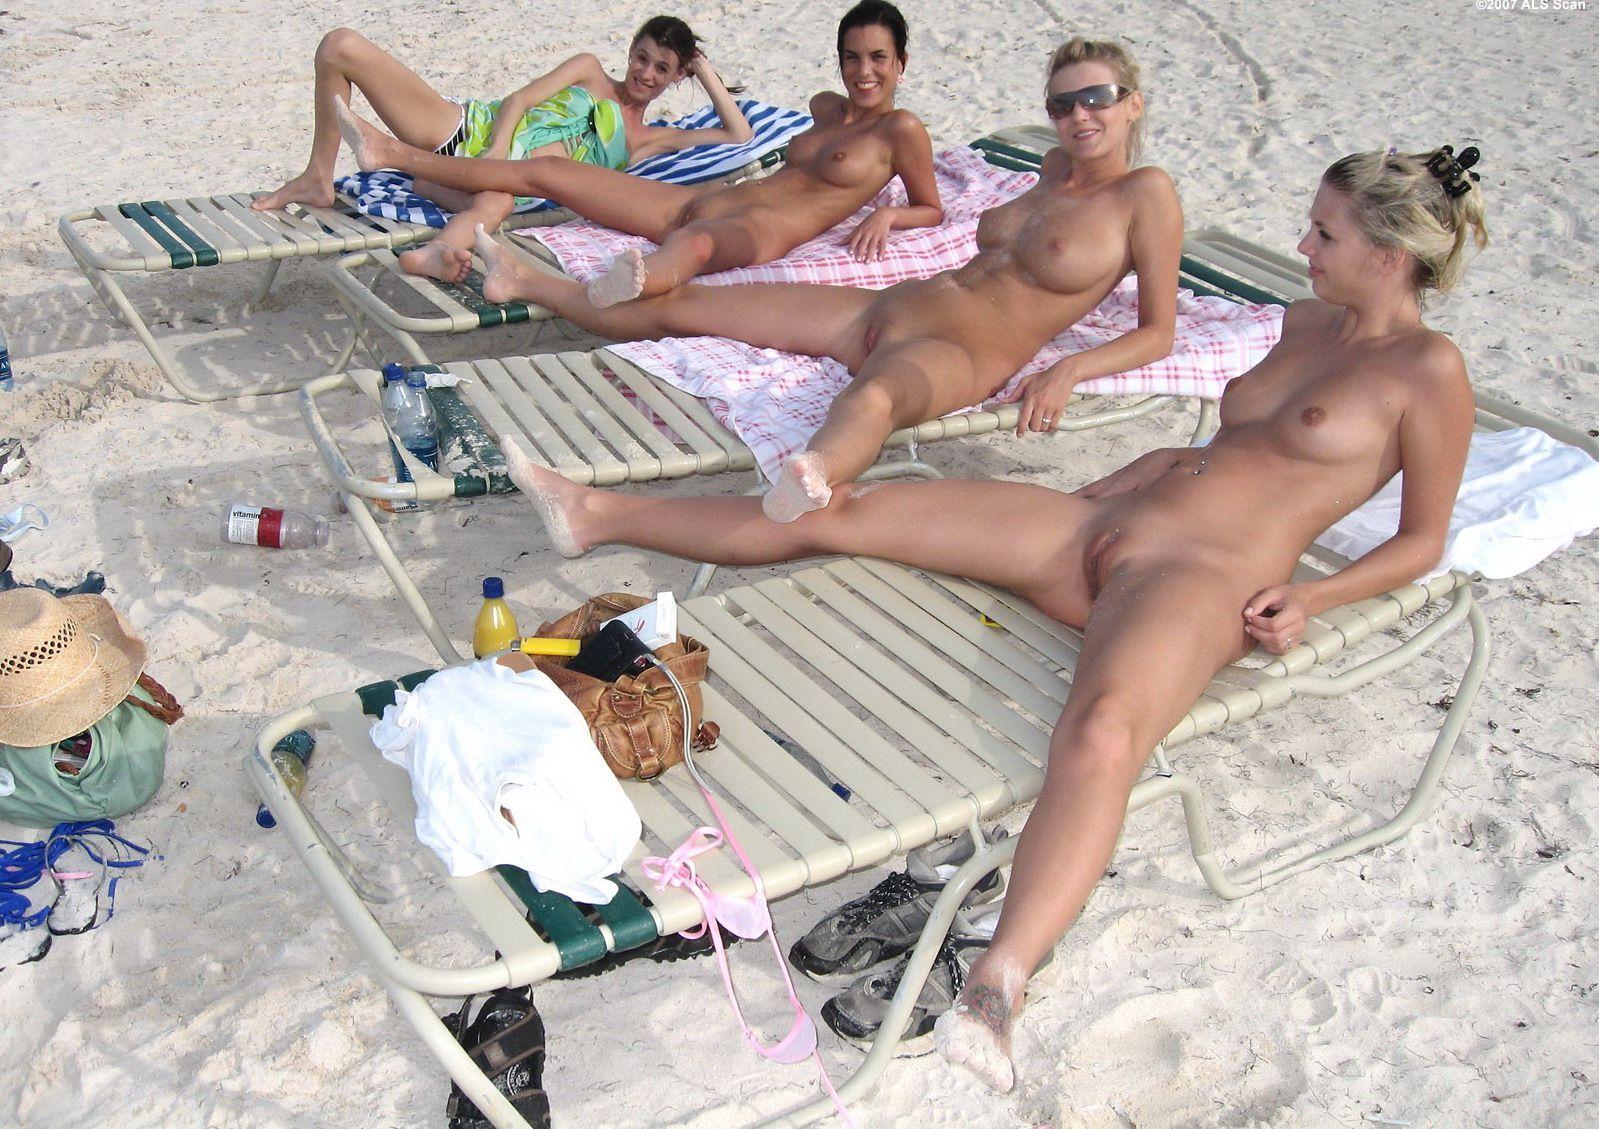 Частные эротические фотографии в пляже 13 фотография